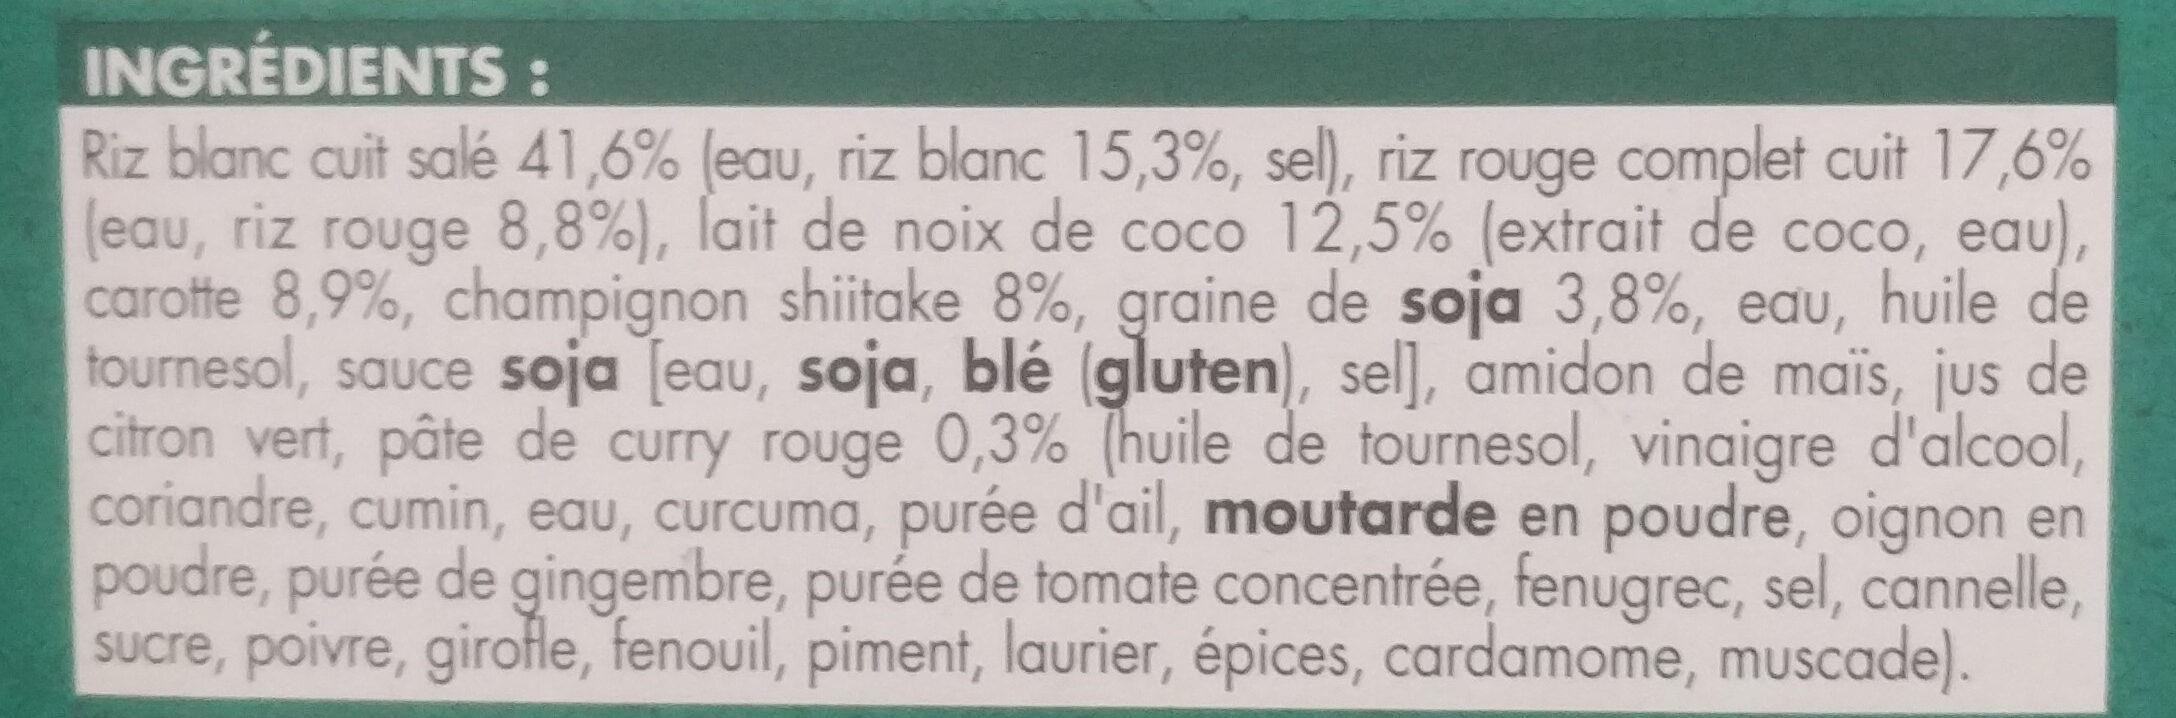 Céréales à l'asiatique - Ingrédients - fr